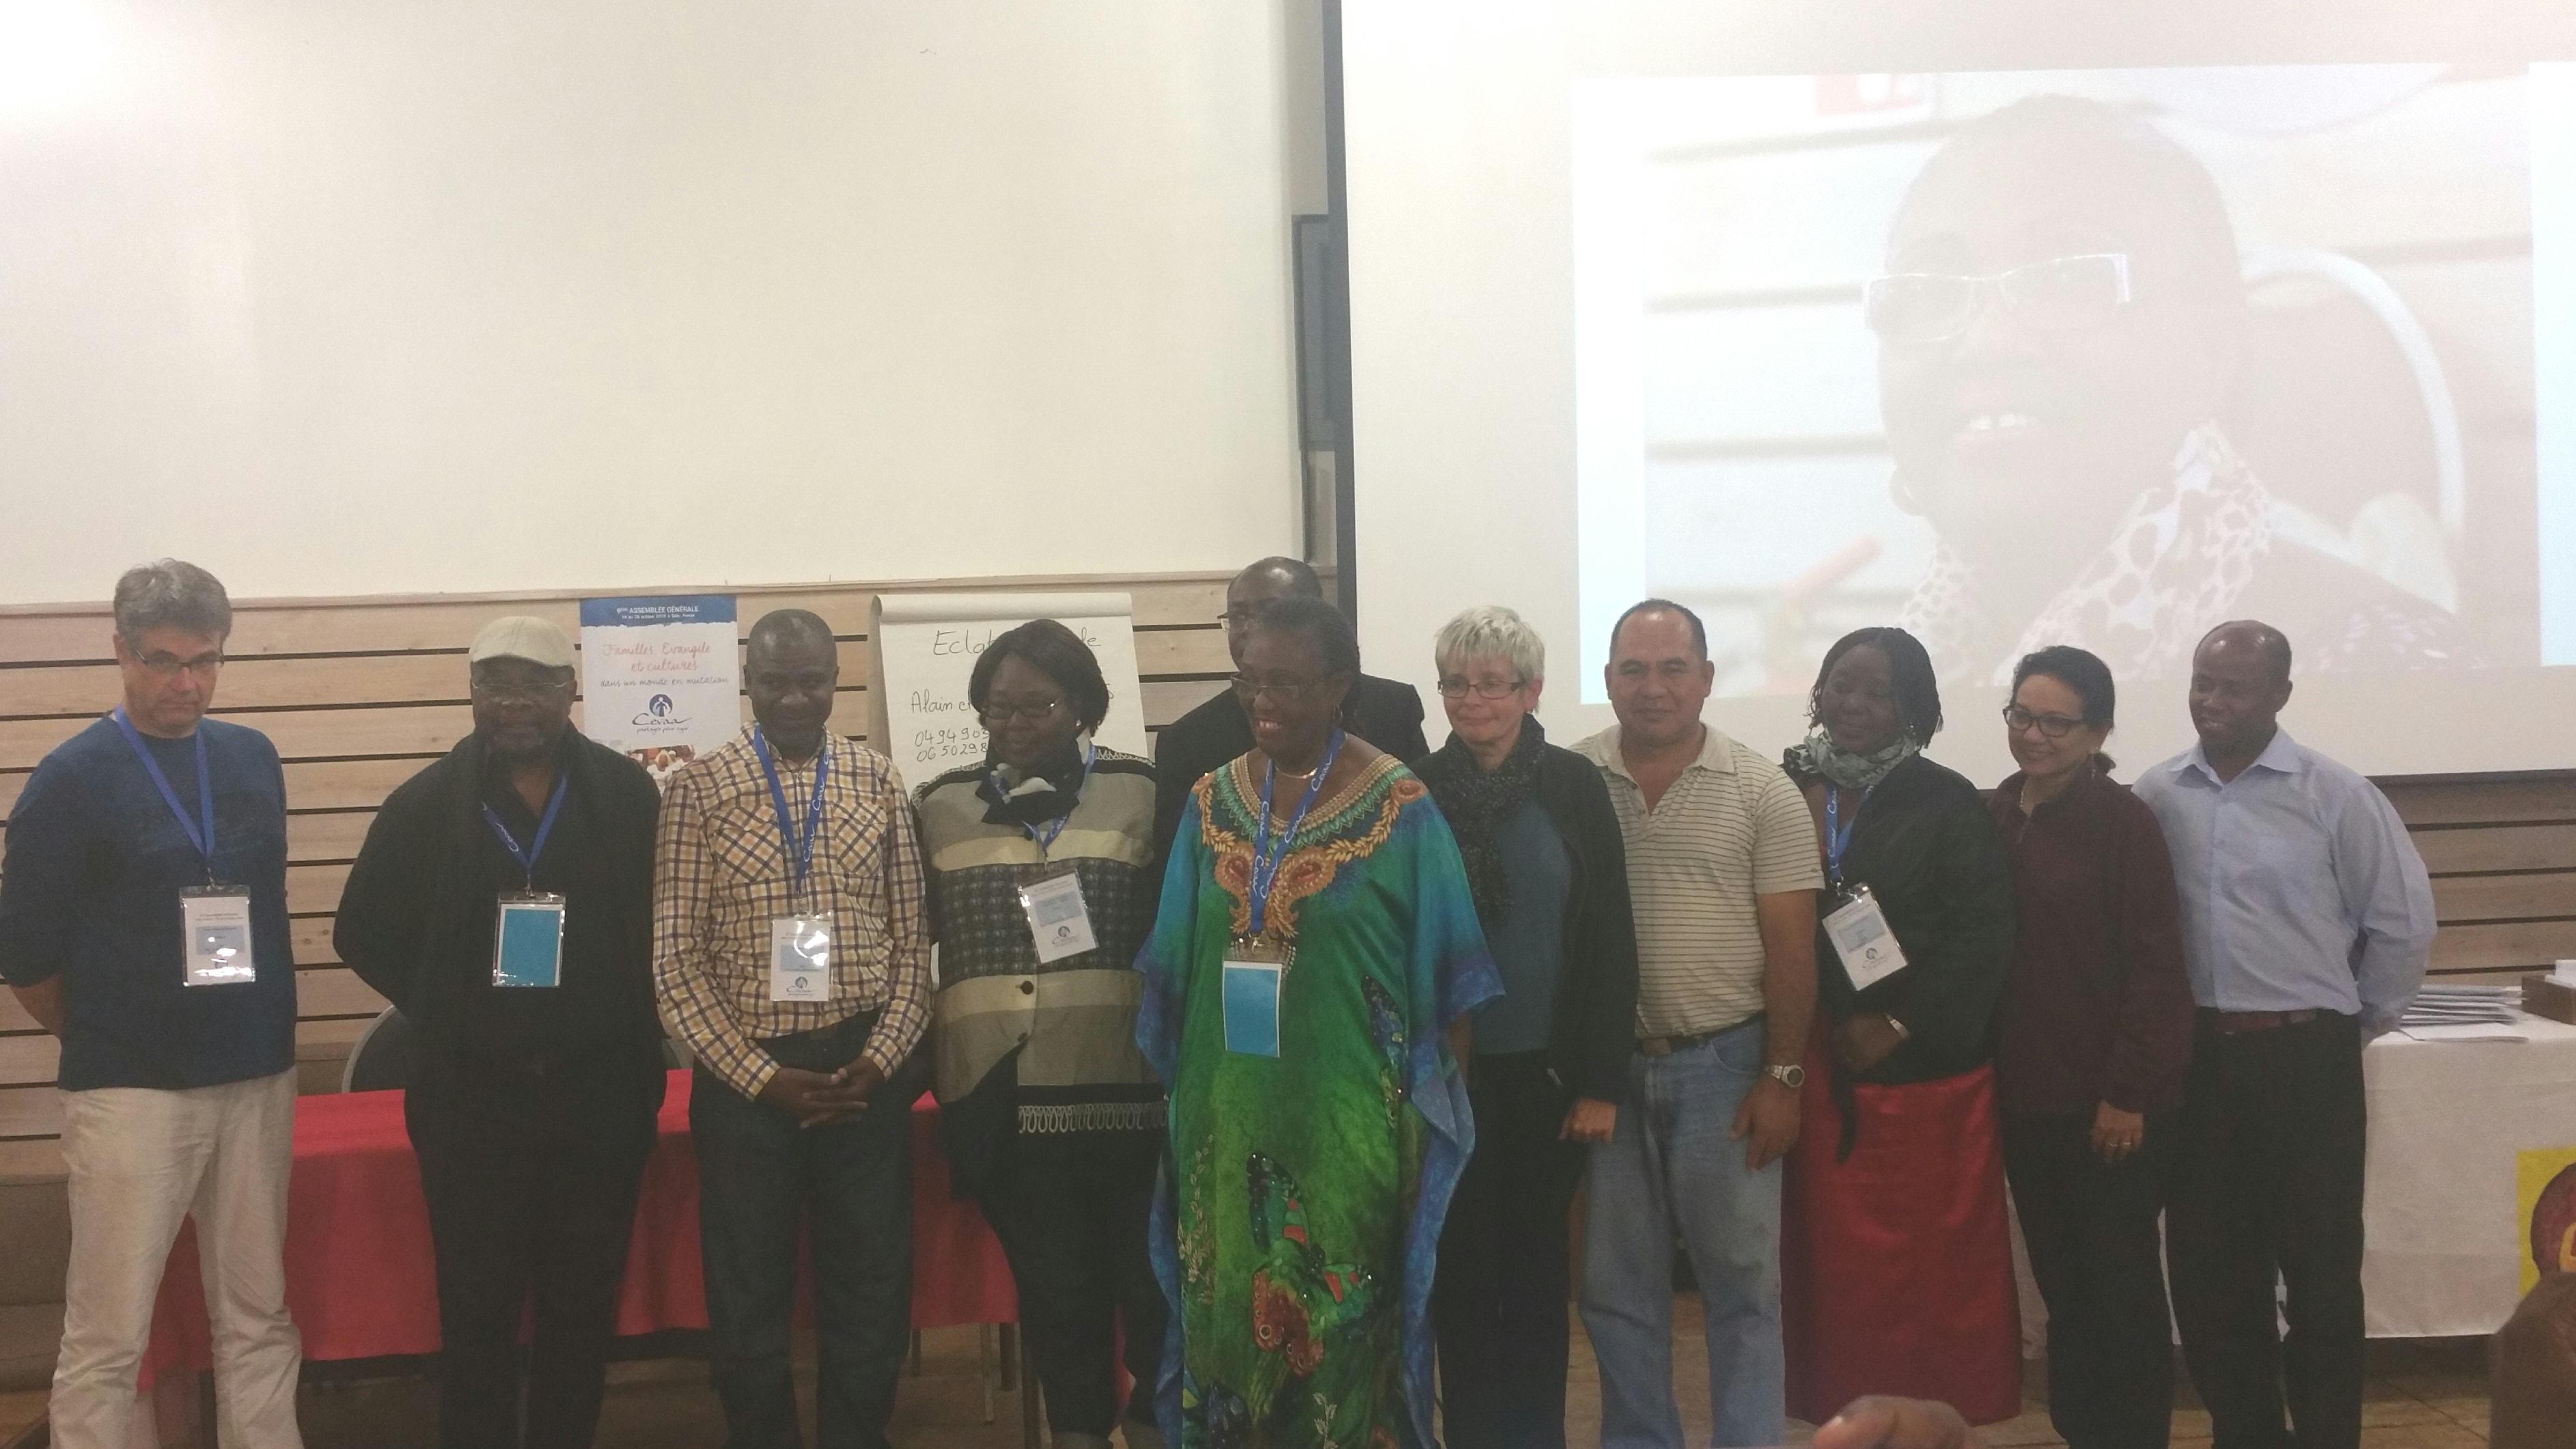 La Présidente de la Cevaa, Mme MBATCHOU Henriette, avec le nouveau Conseil Exécutif